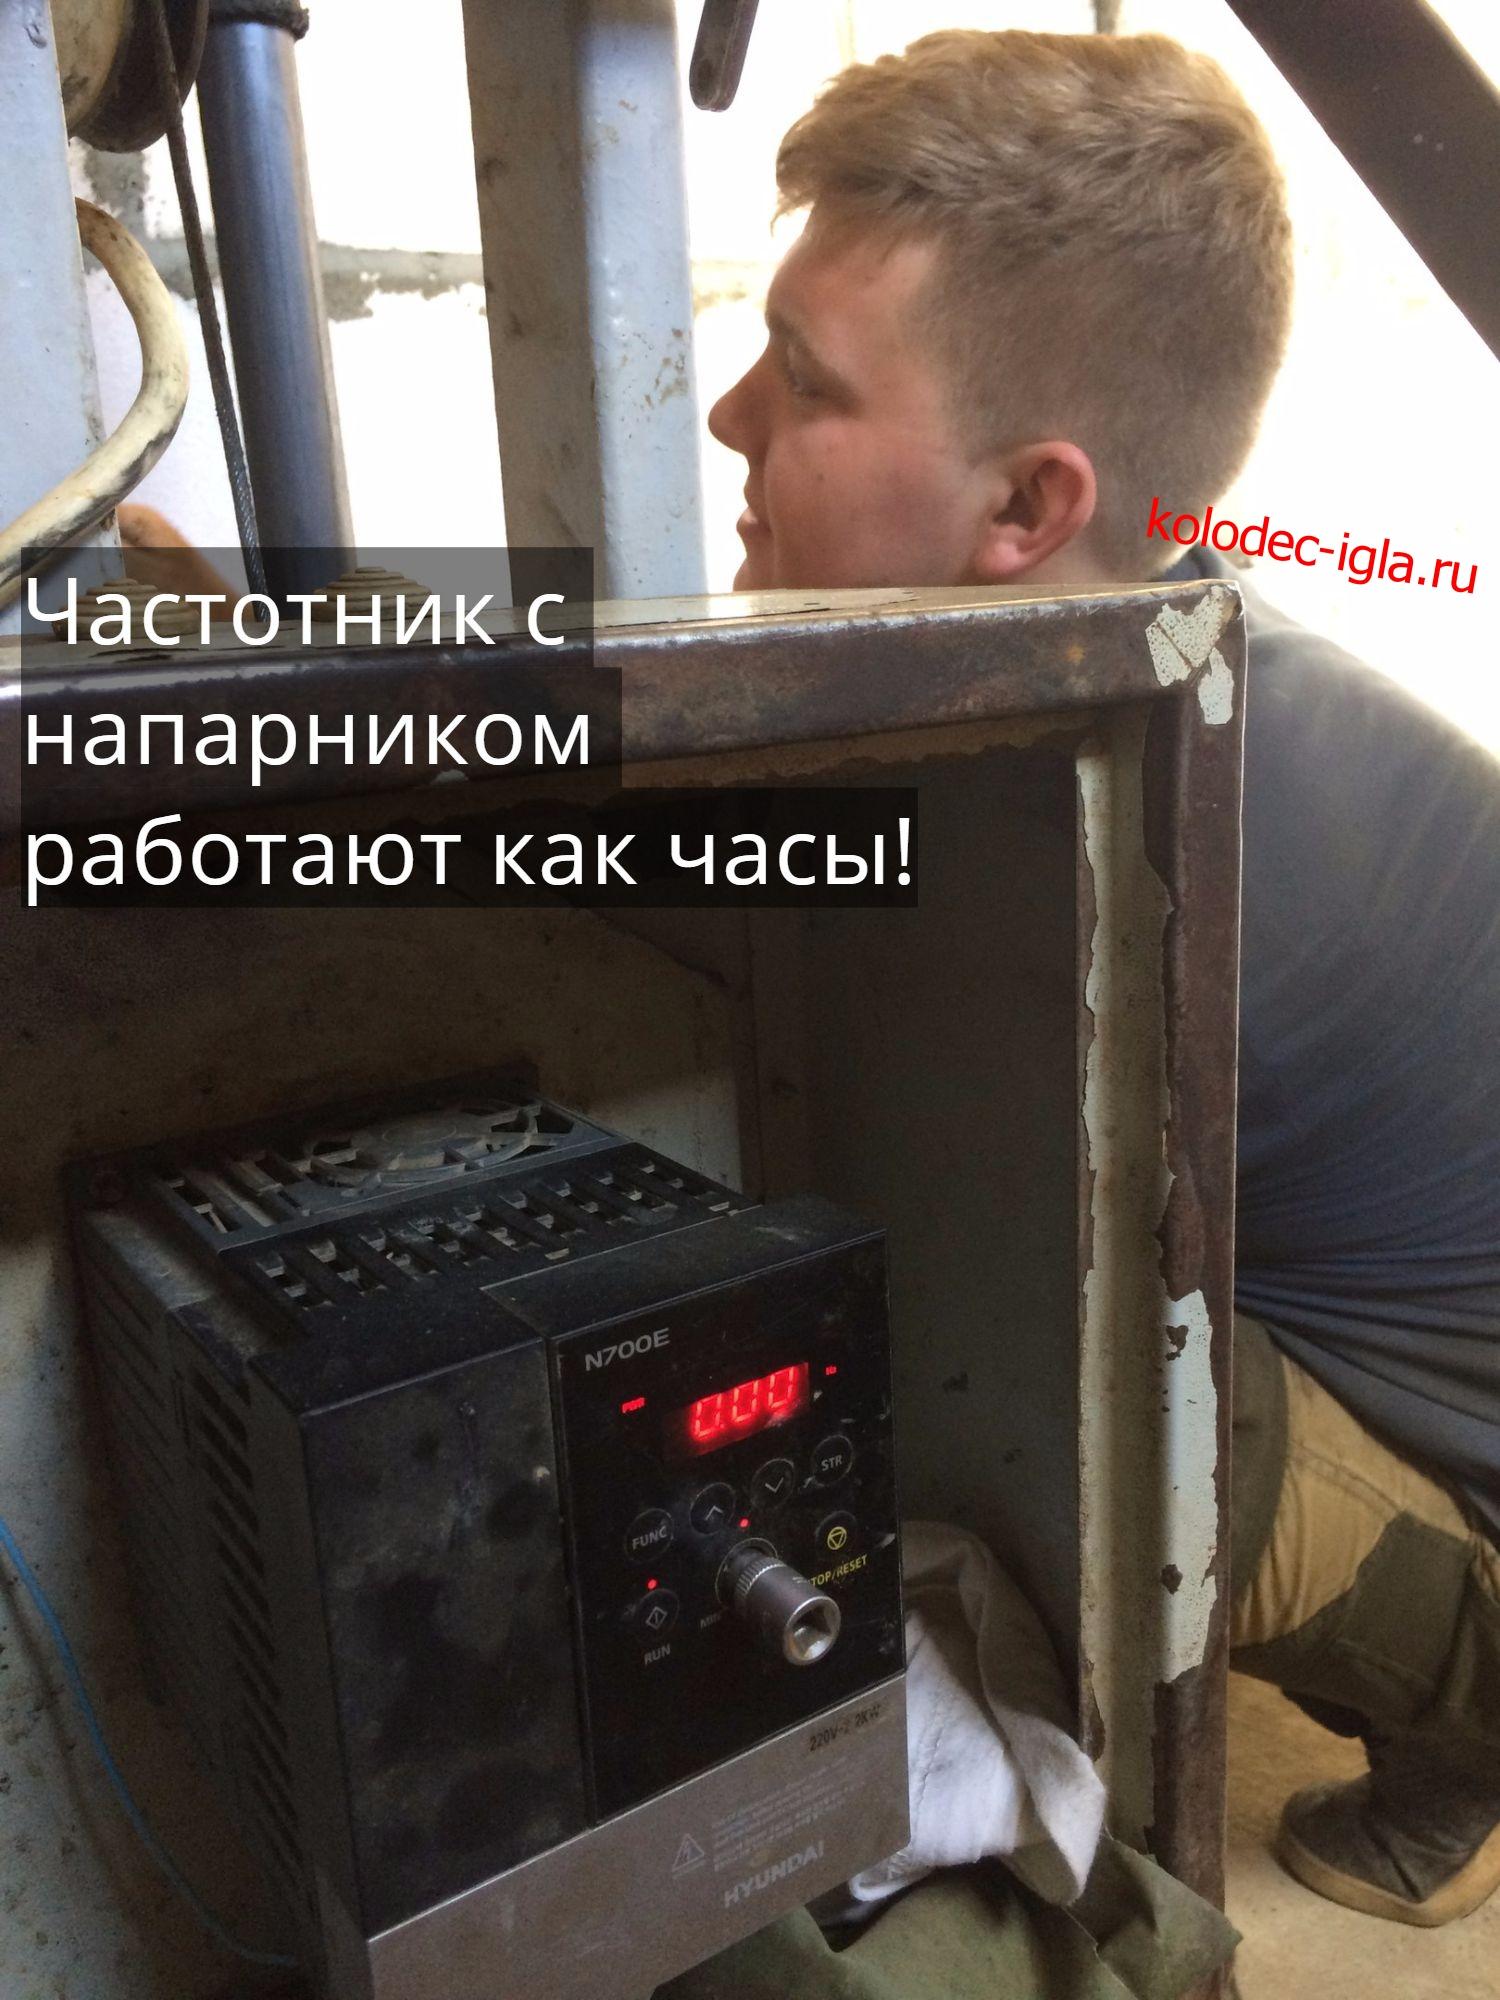 Частотник с напарником